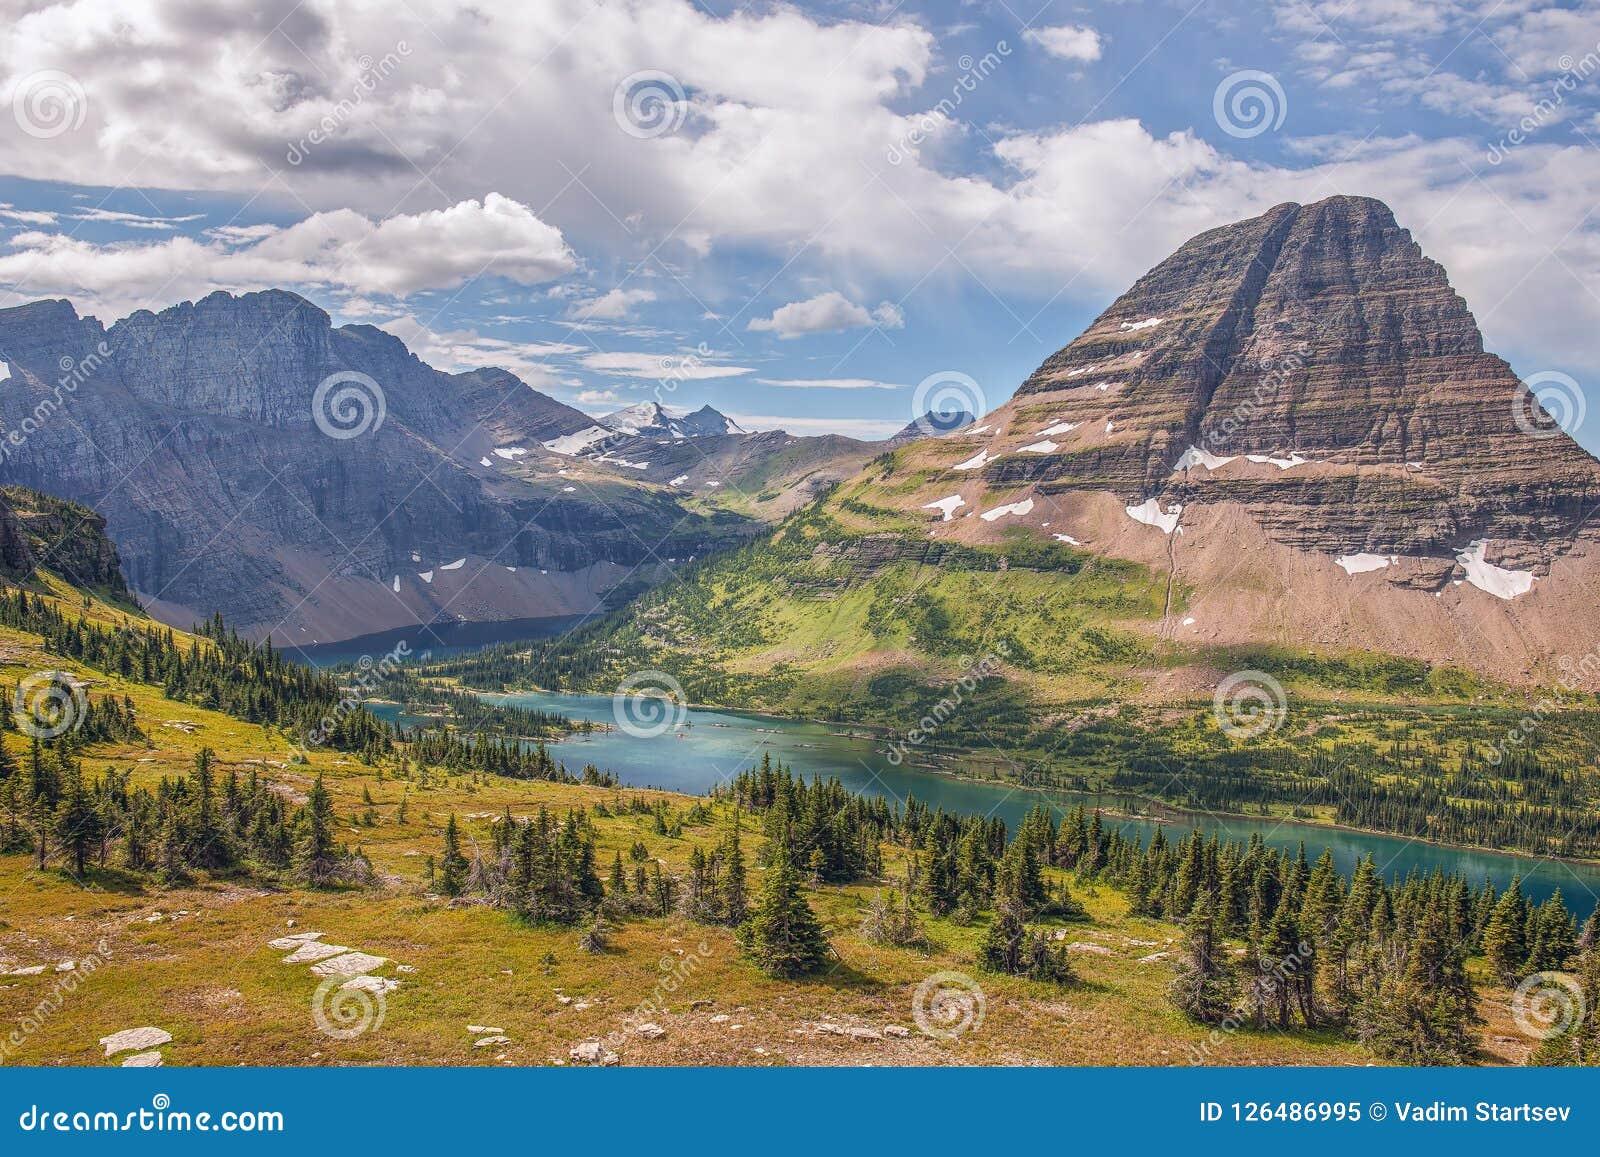 Lac caché Stationnement national de glacier montana LES Etats-Unis